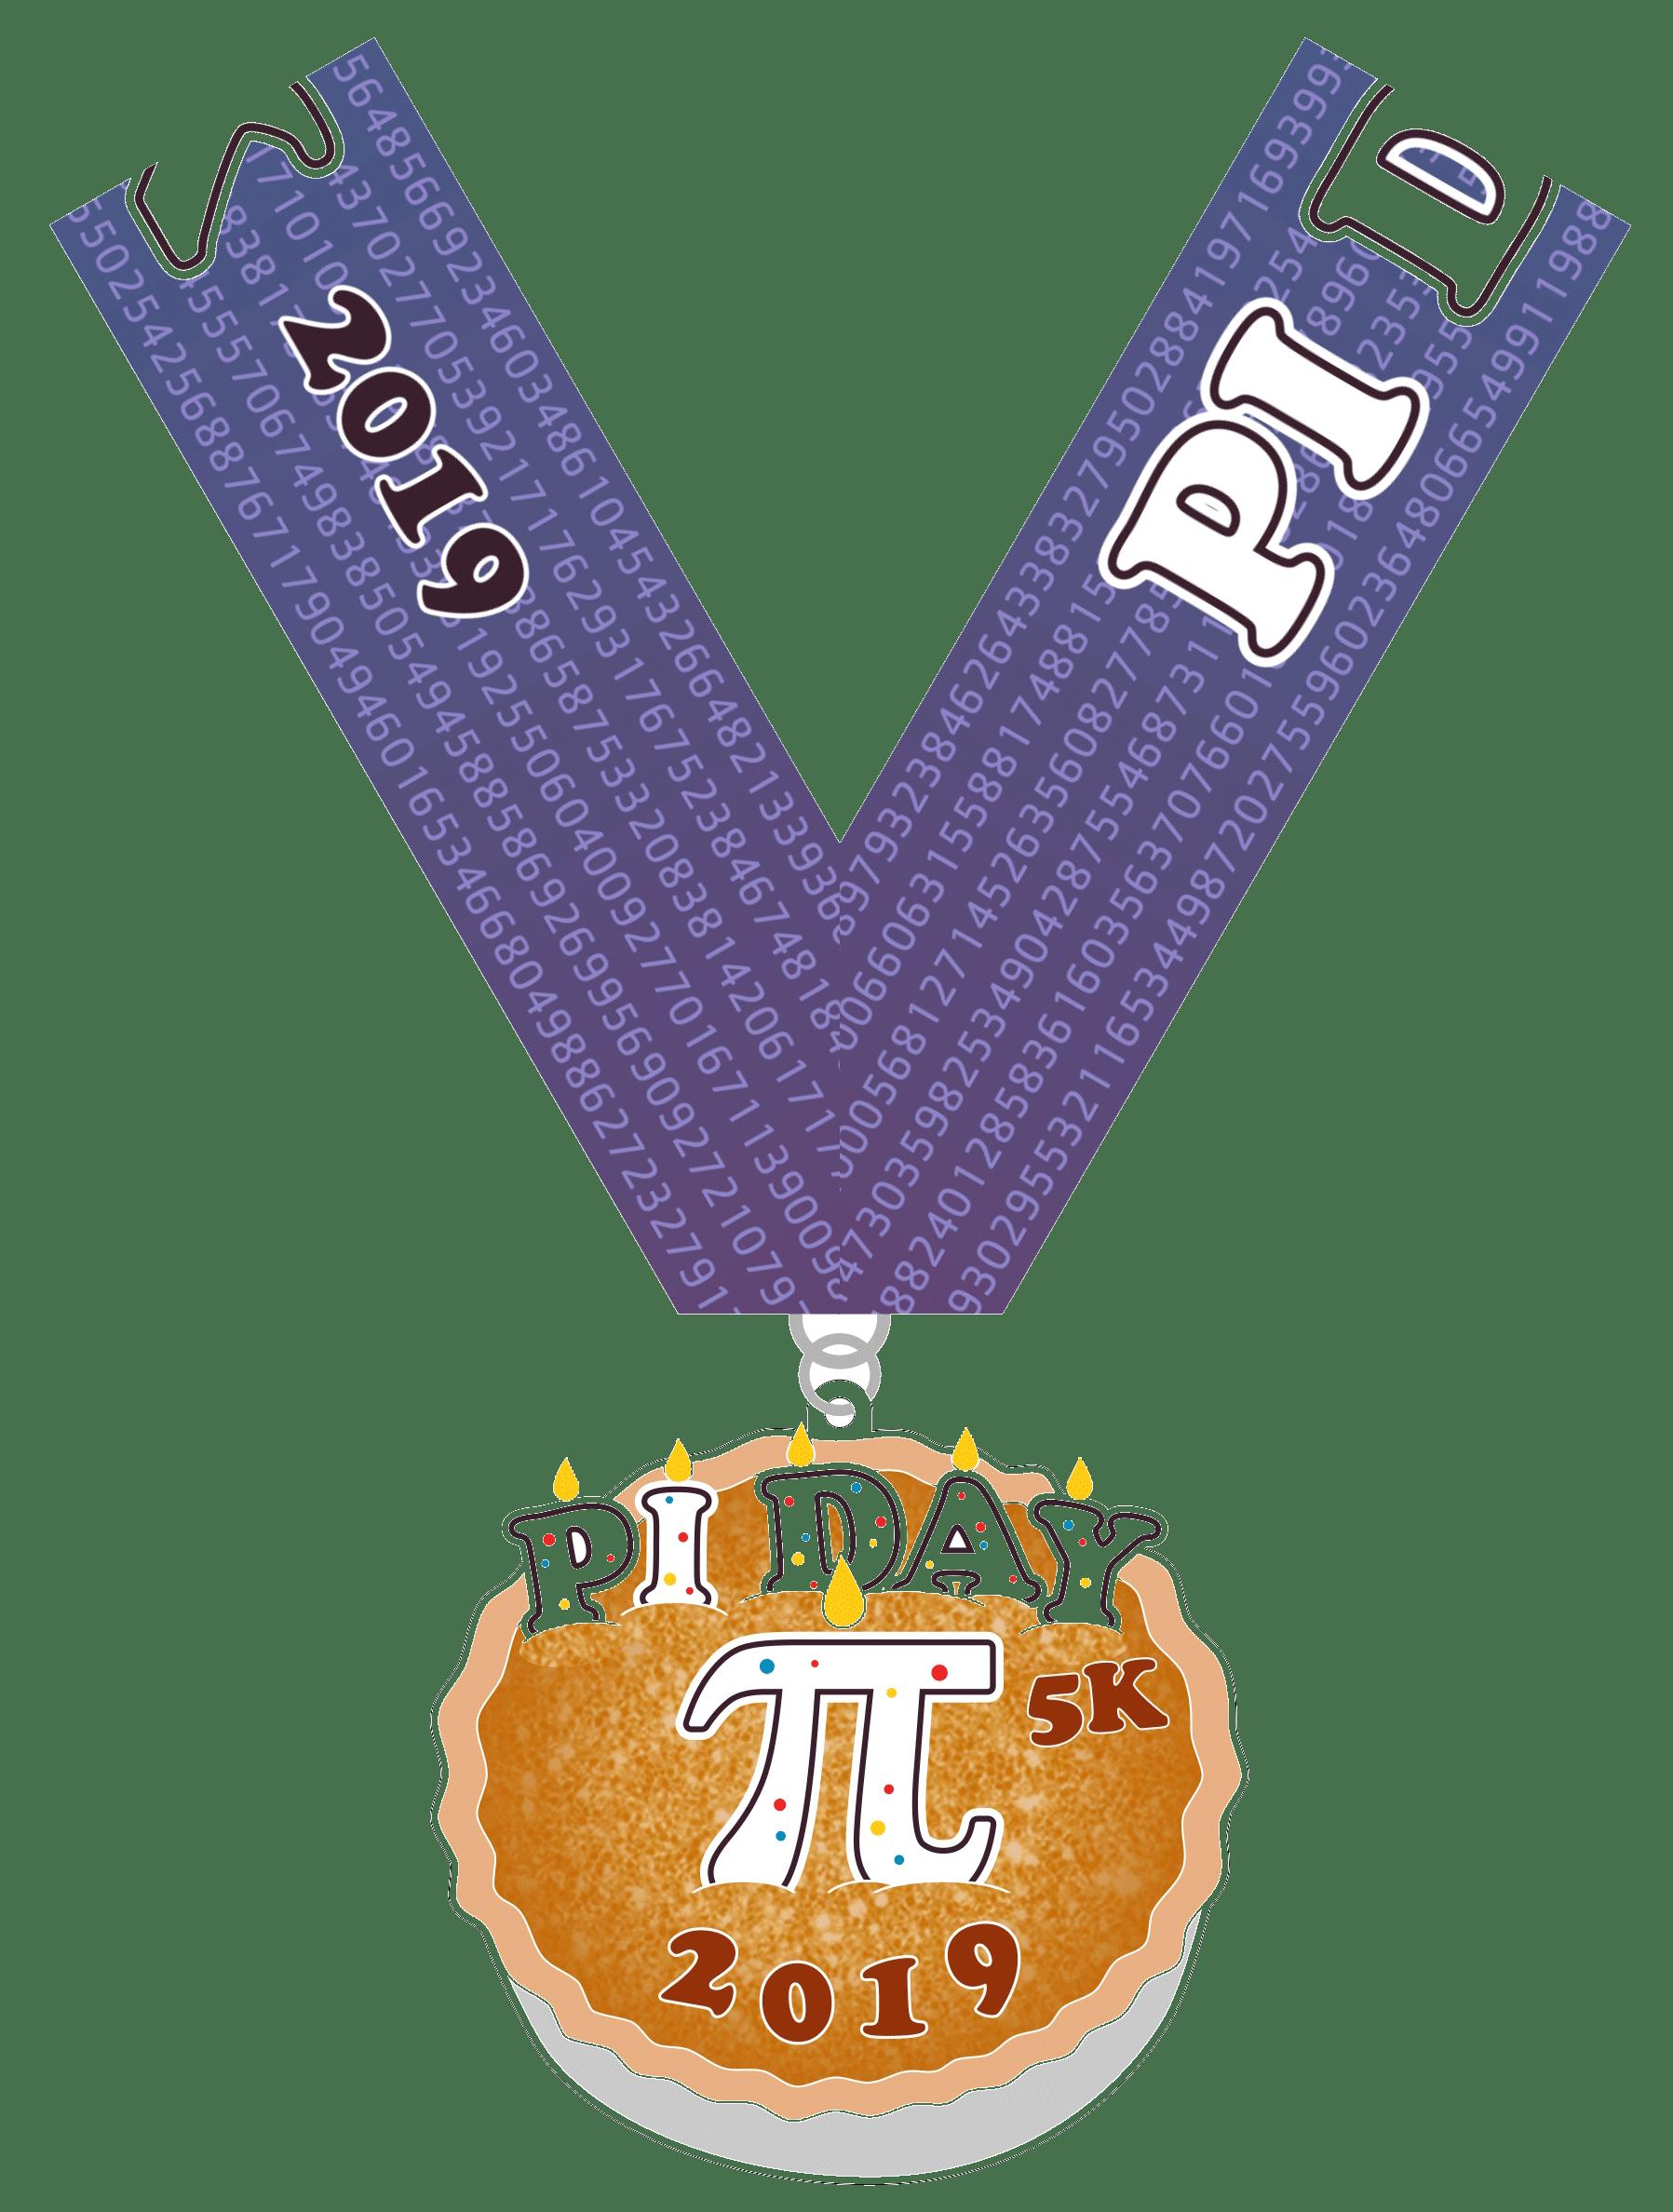 2019 Pi Day 5K Tucson